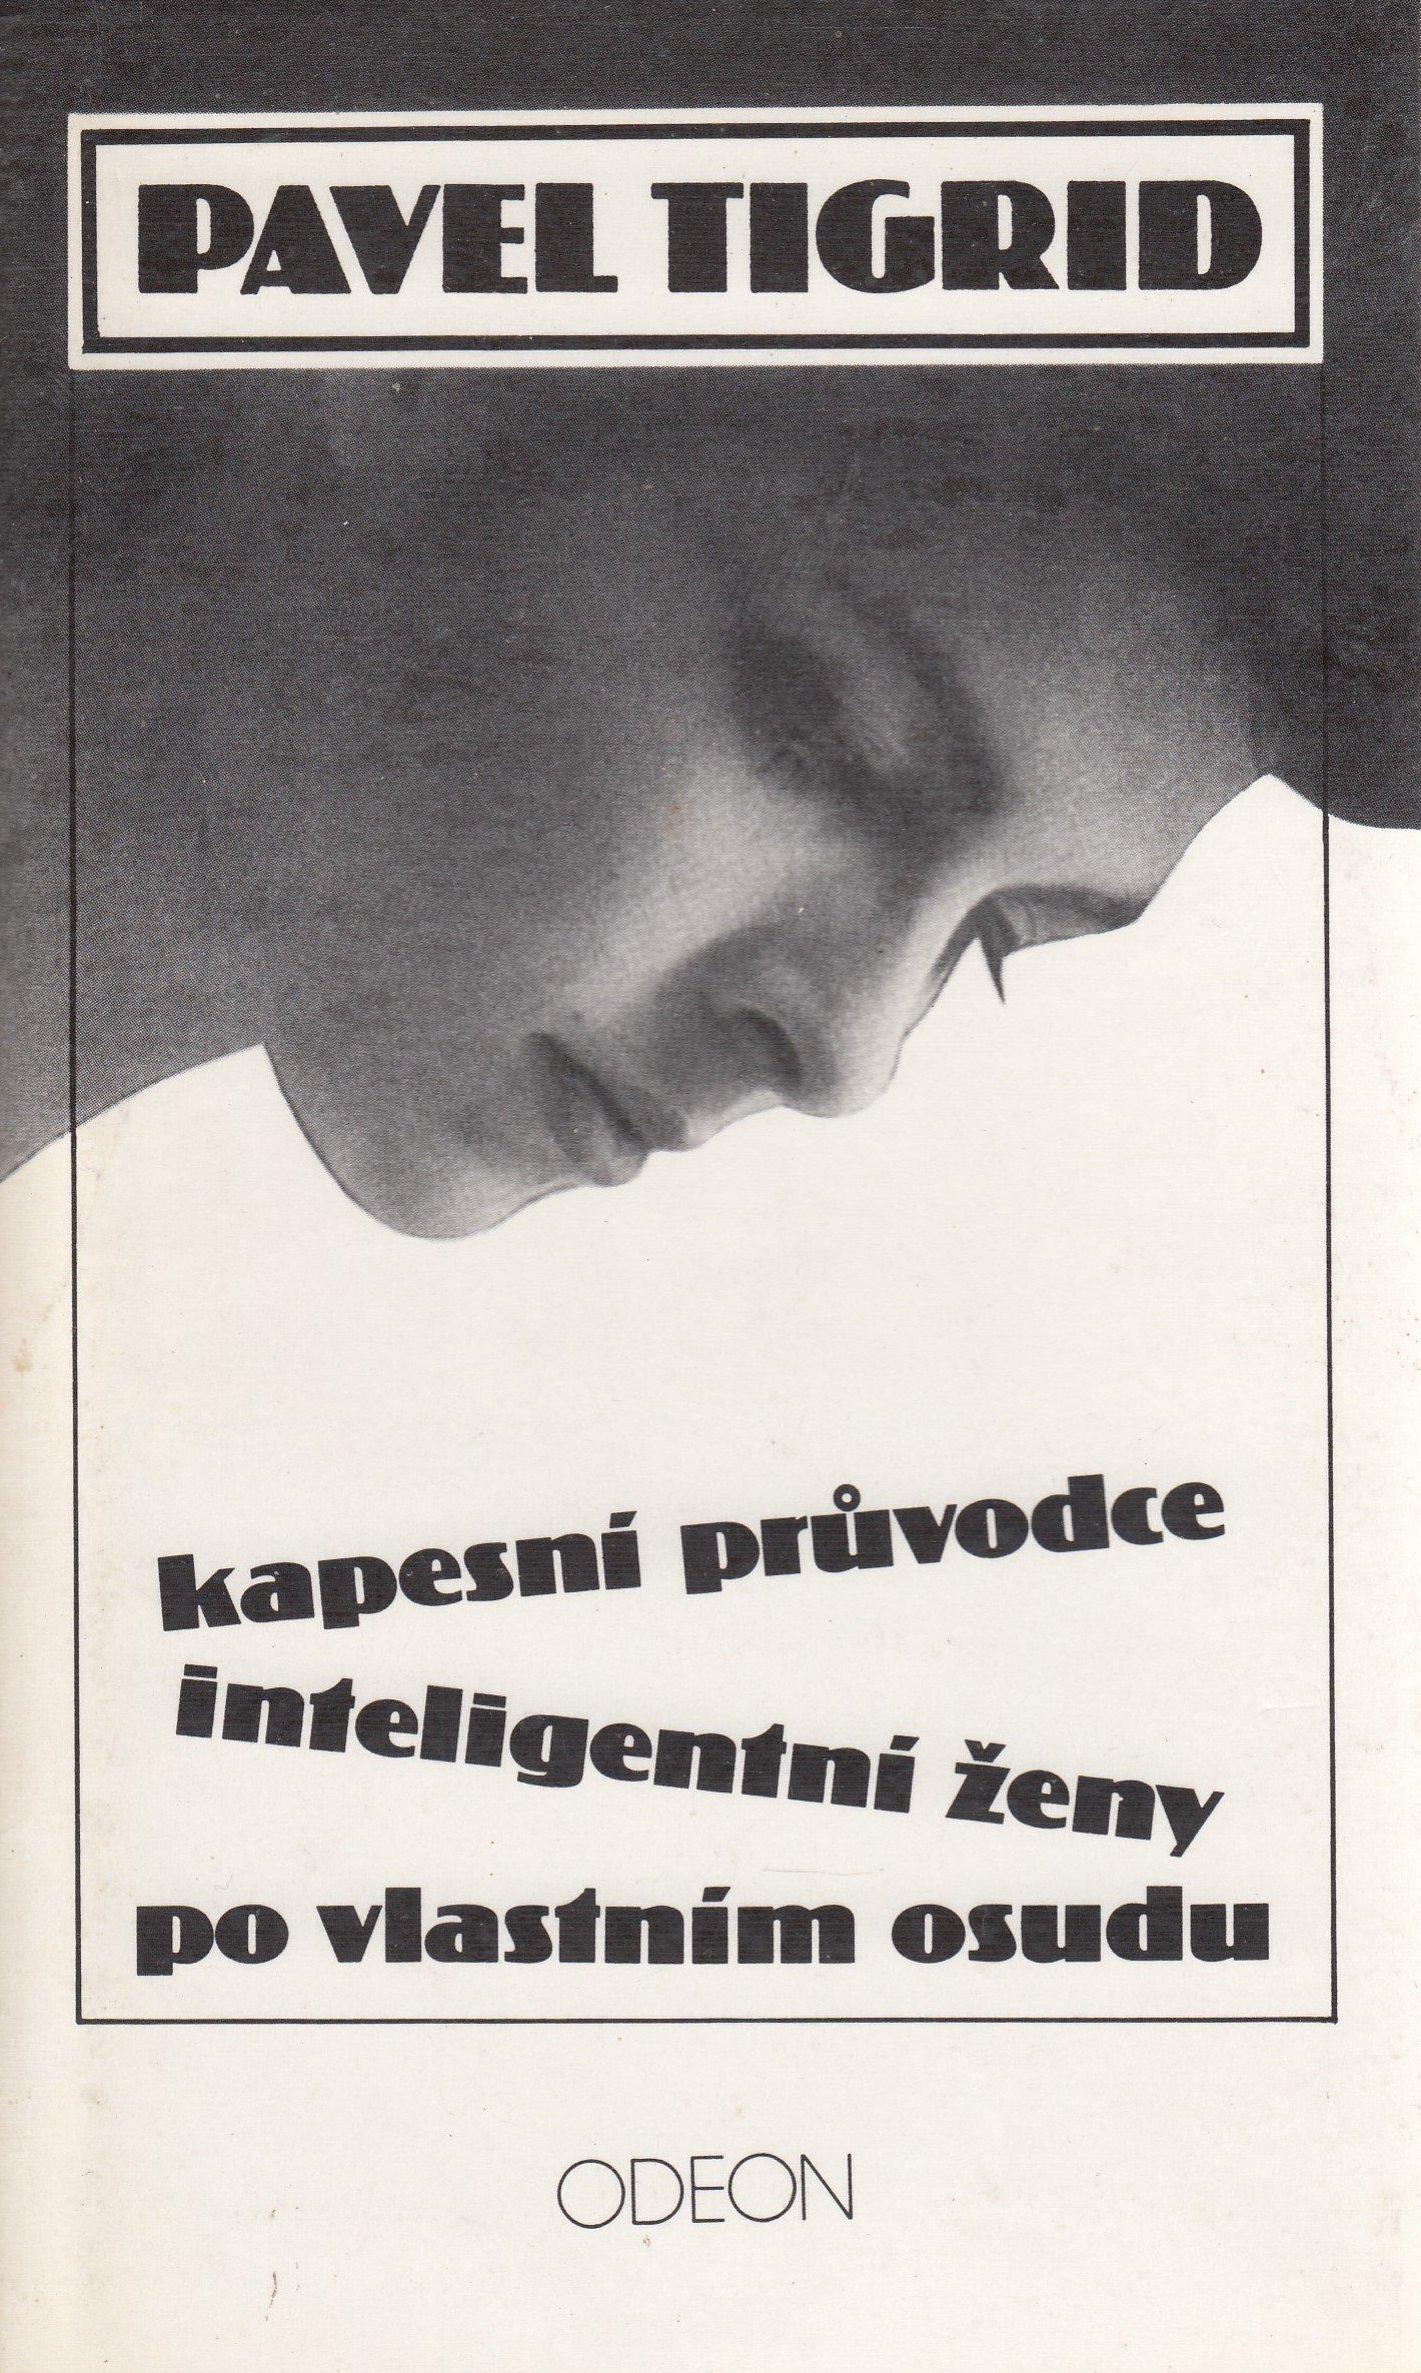 Kapesní průvodce inteligentní ženy po vlastním osudu - Pavel Tigrid /bazarové zboží/